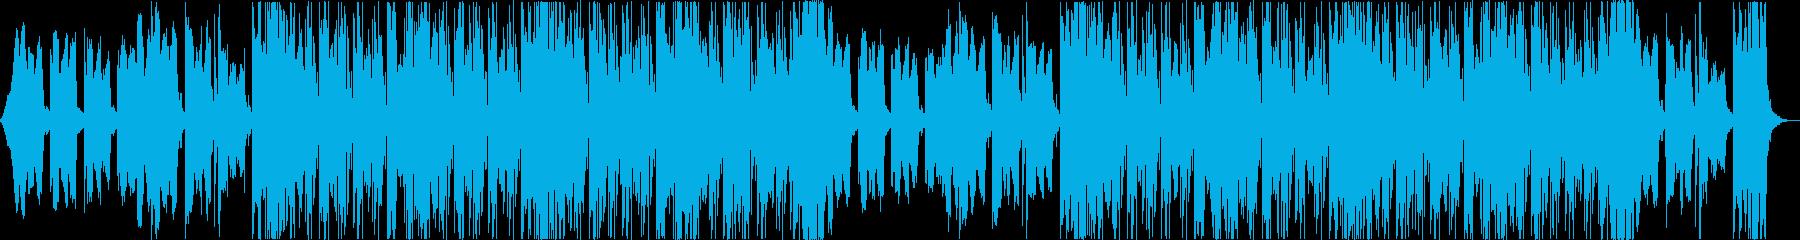 おしゃれクールセクシーR&Bエレクトロaの再生済みの波形